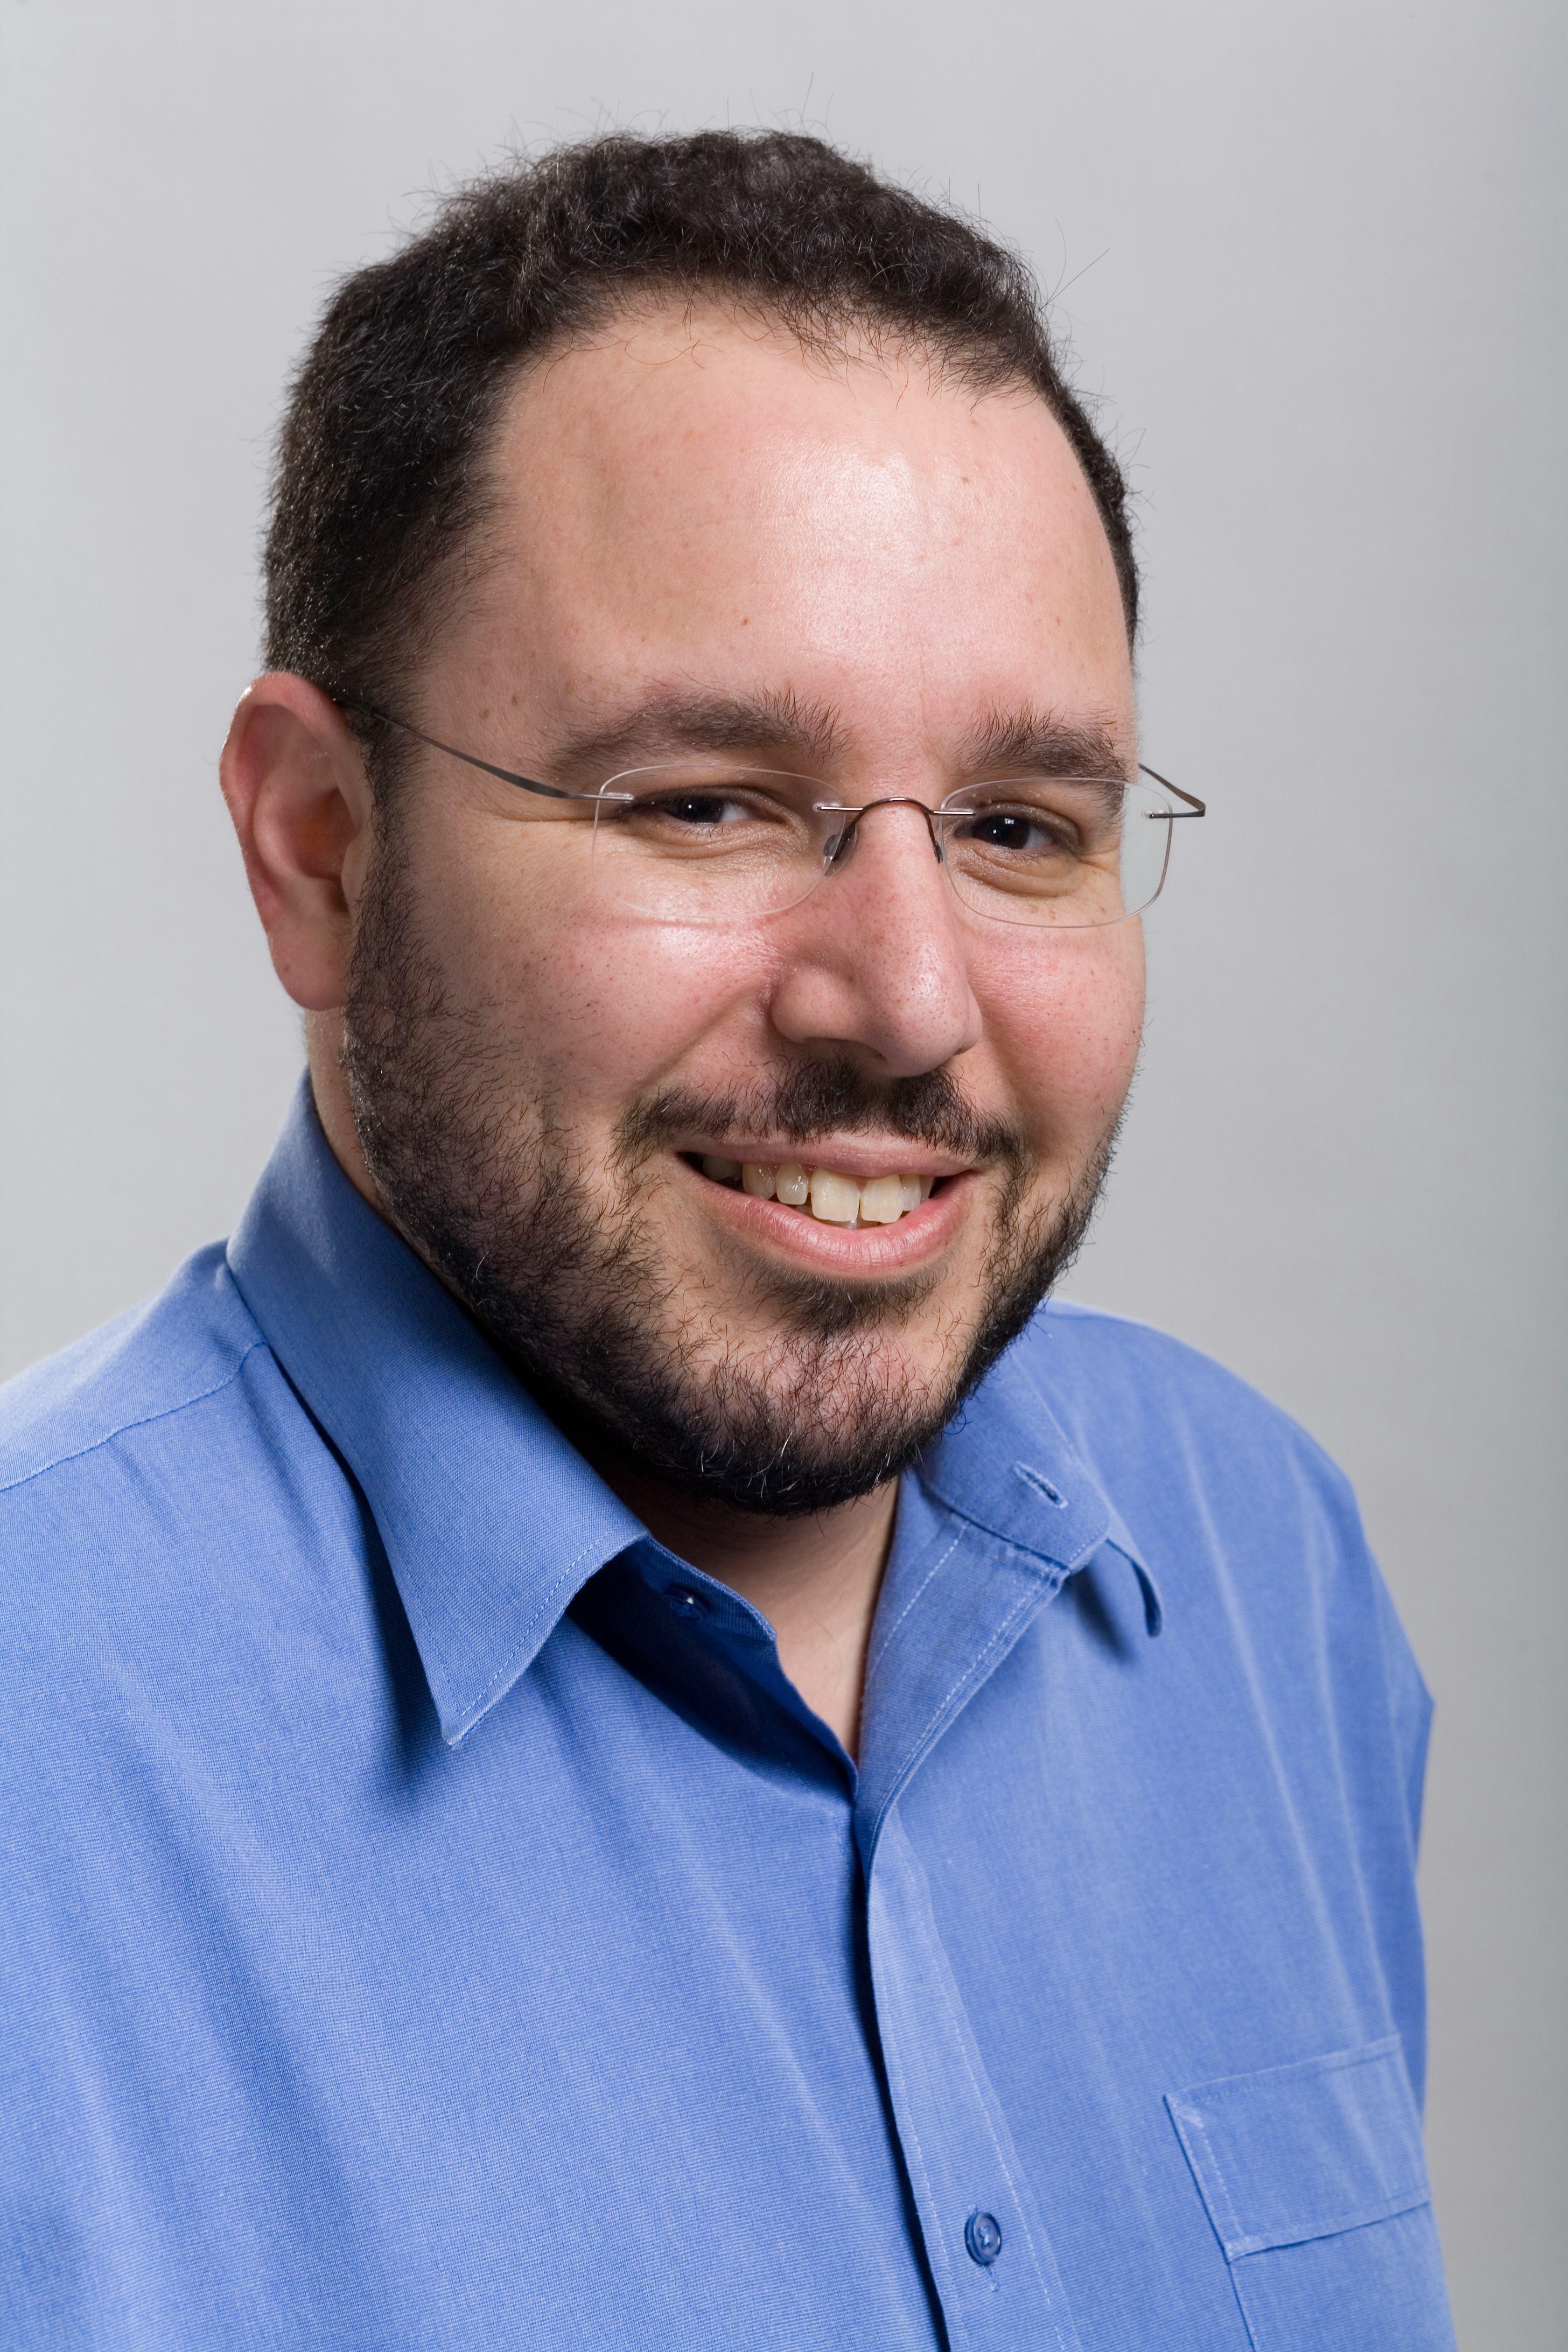 Joshua Gans